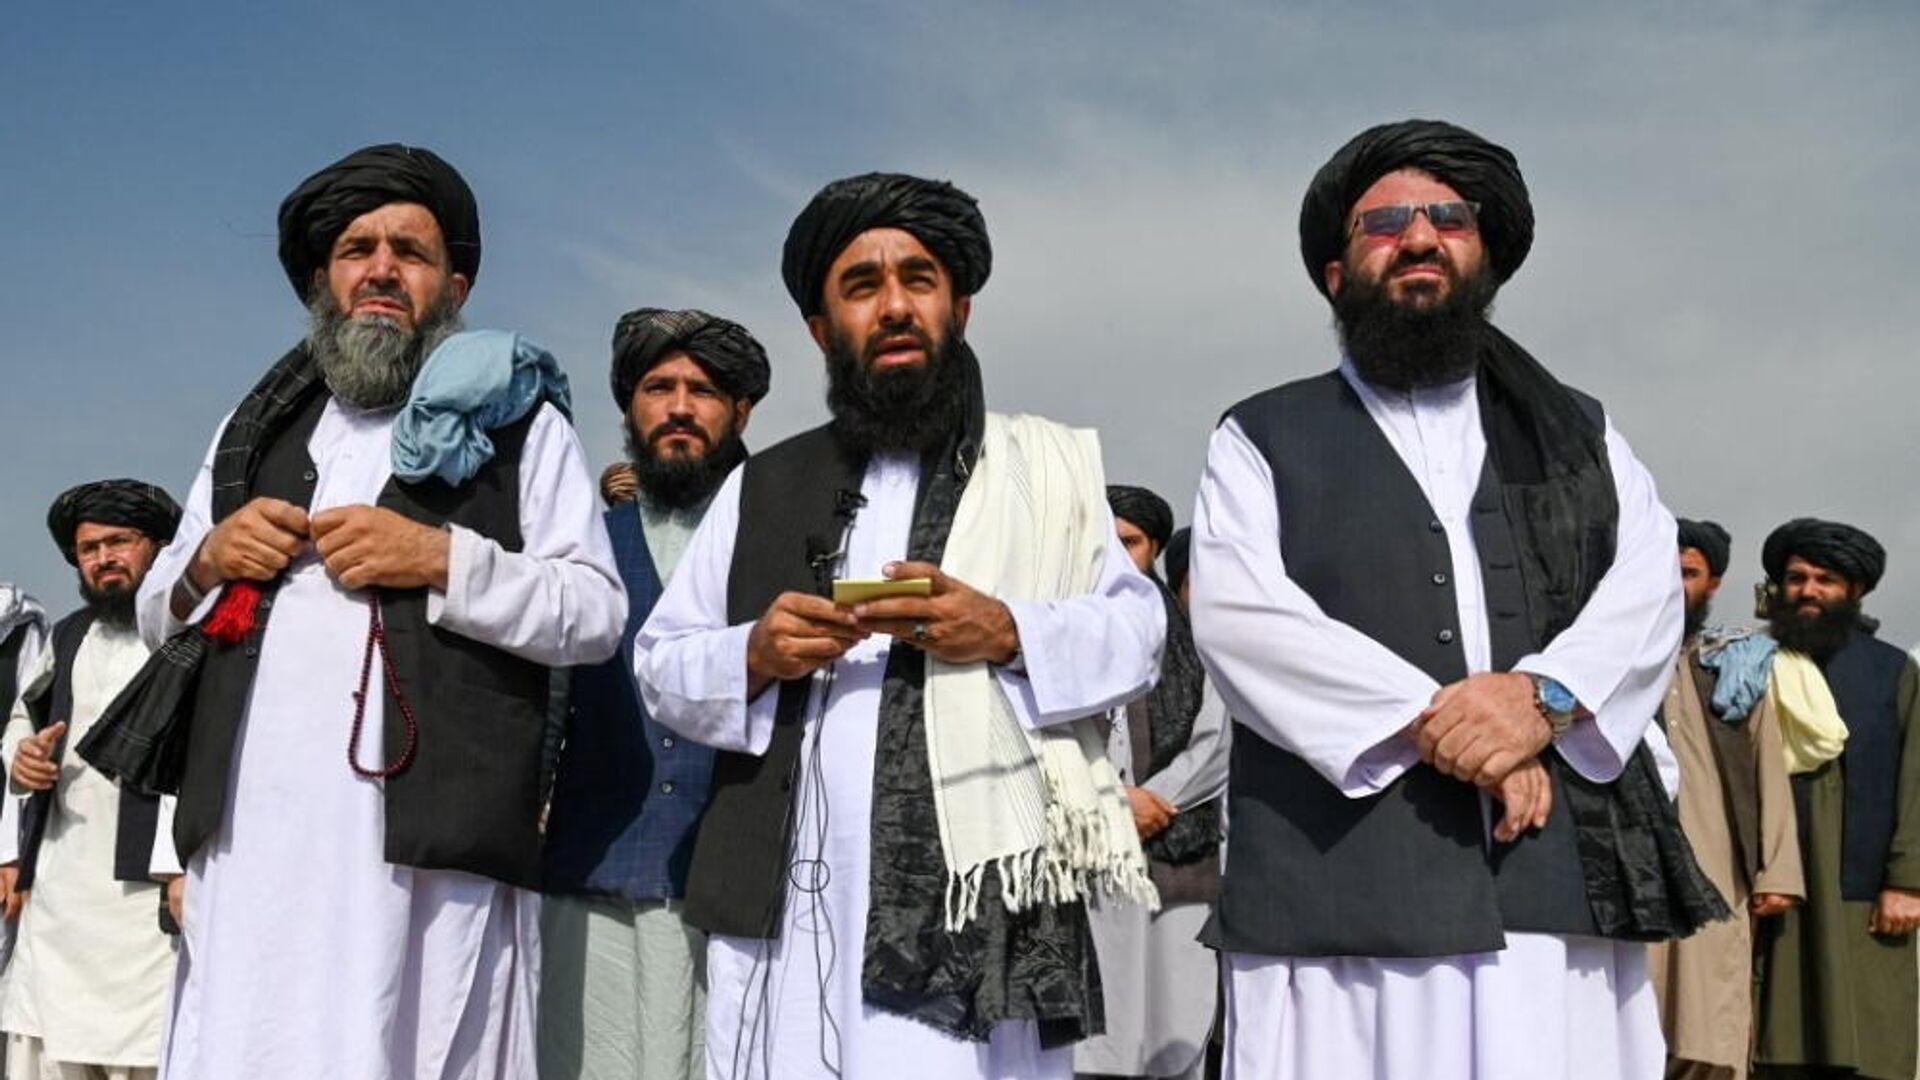 Εκπρόσωποι των Ταλιμπάν - Sputnik Ελλάδα, 1920, 10.10.2021